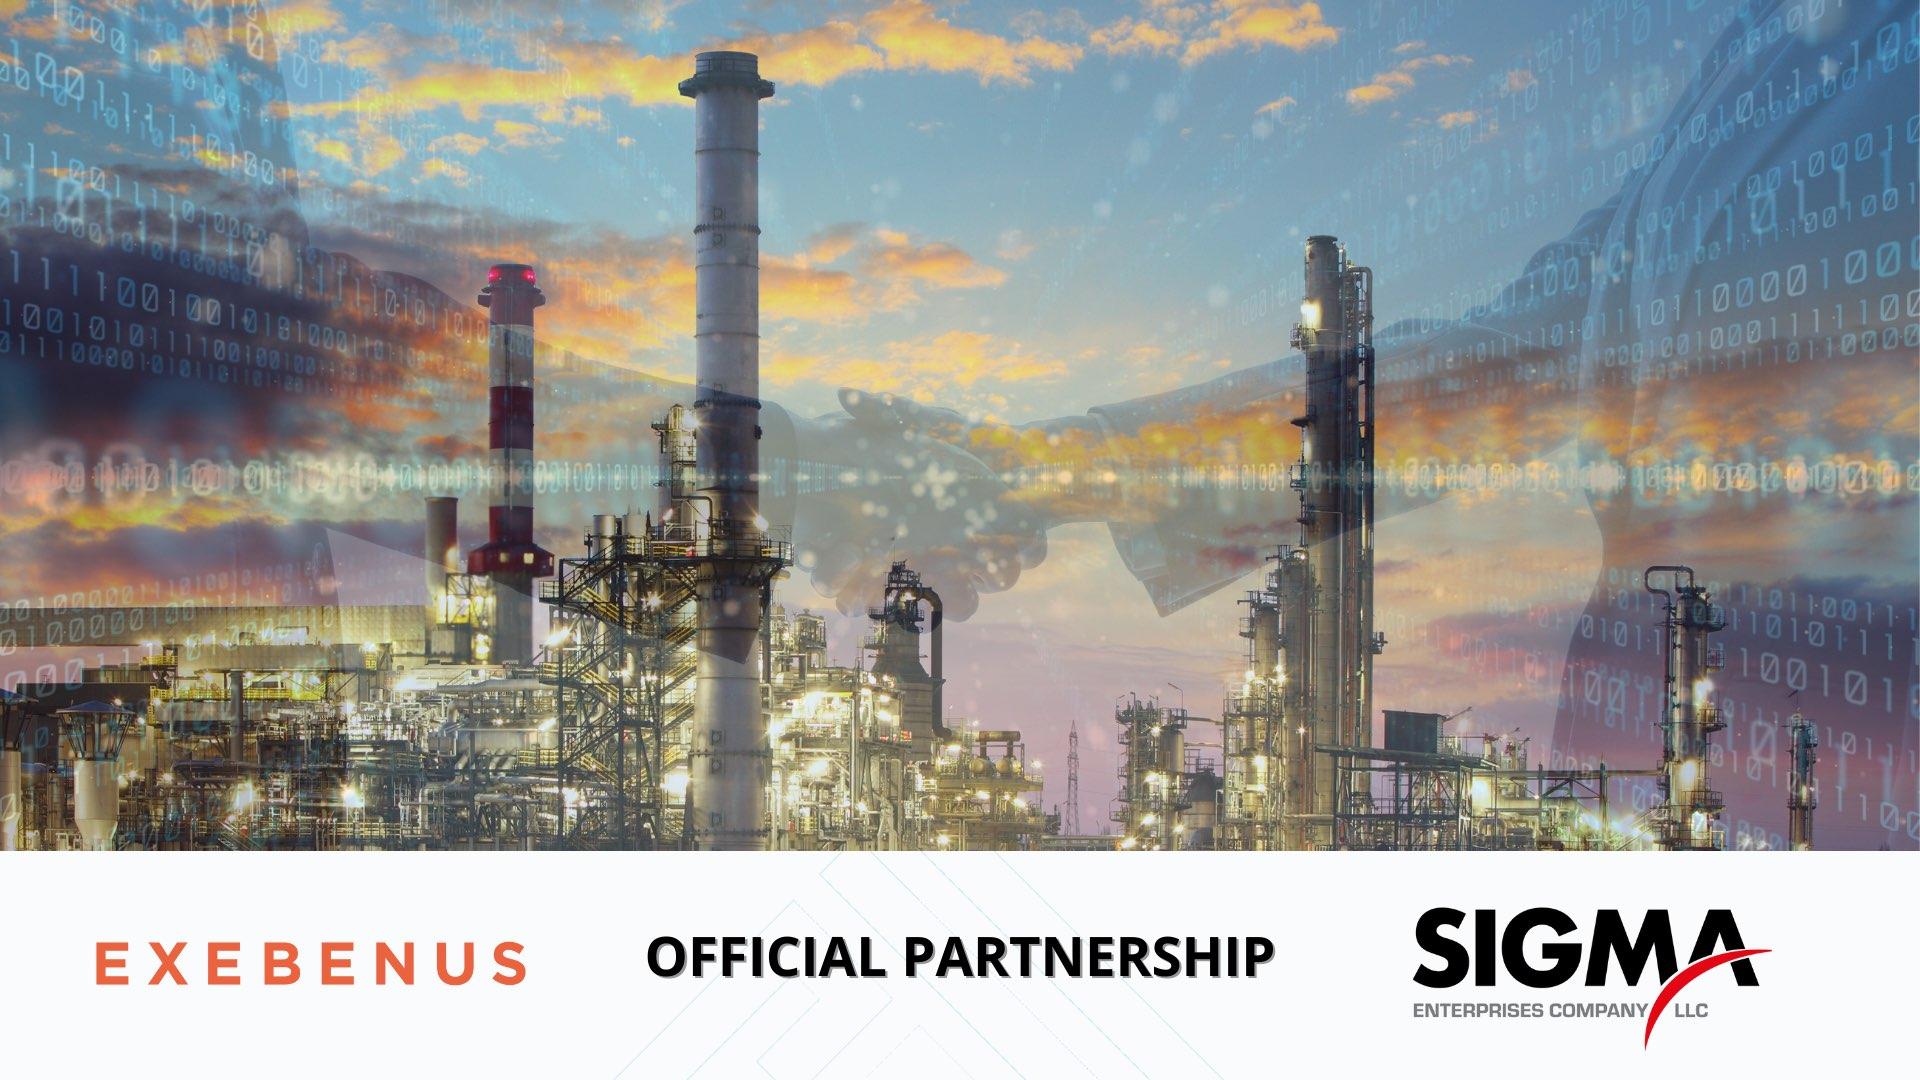 Partnership with Exebenus